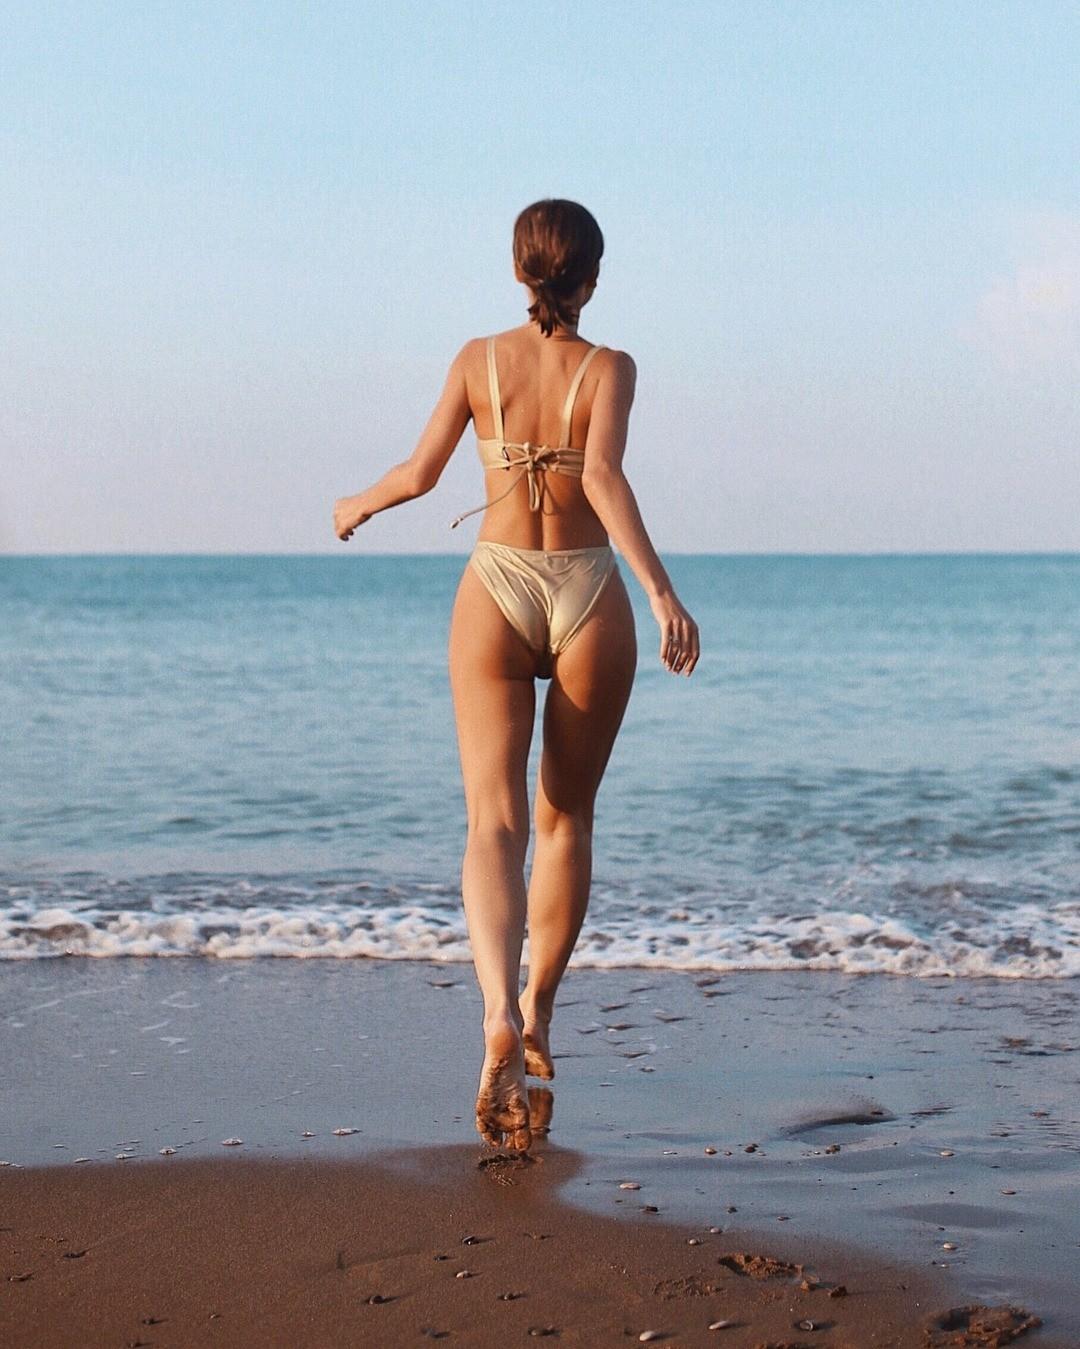 Елена Темникова - небольшой фанат фитнеса. Вкачестве спортивной нагрузки предпочитает танцы, так как они позволяют задействовать все группы мышц идержать тело втонусе. Но иногда певиц...